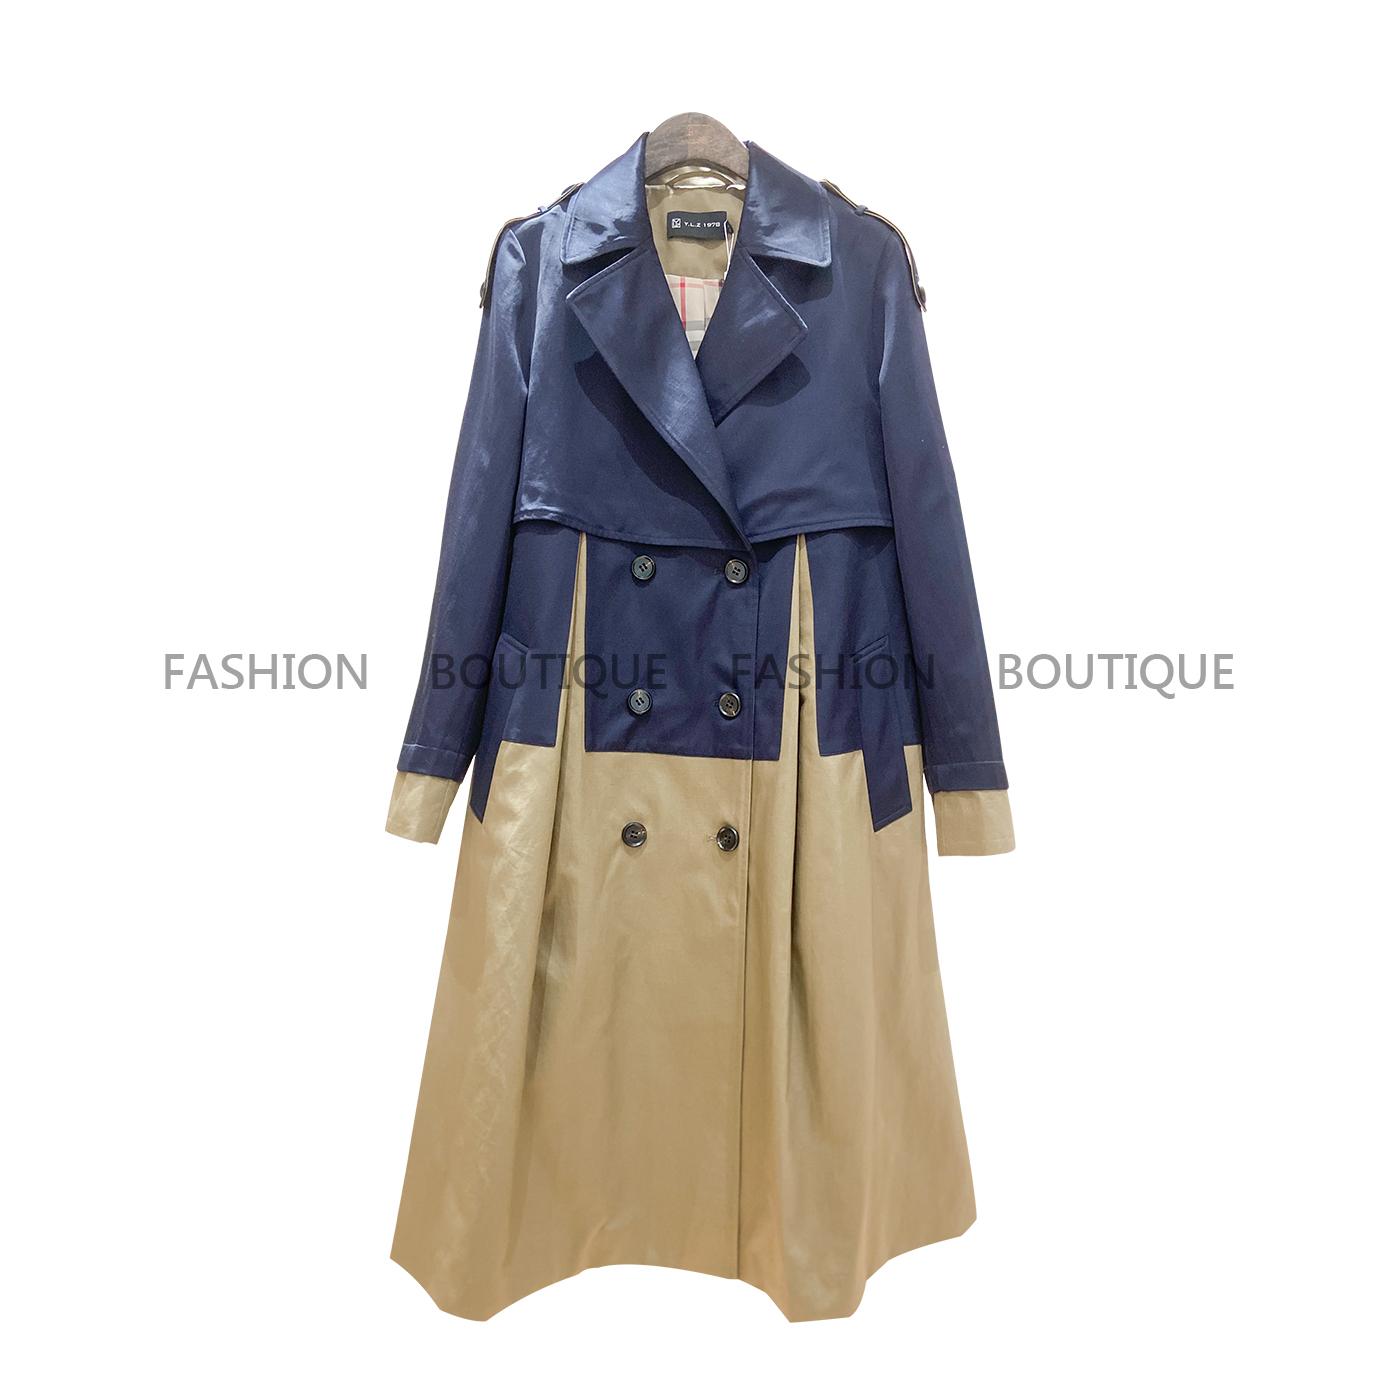 轻奢女装设计师品牌专柜精品外套CG560015